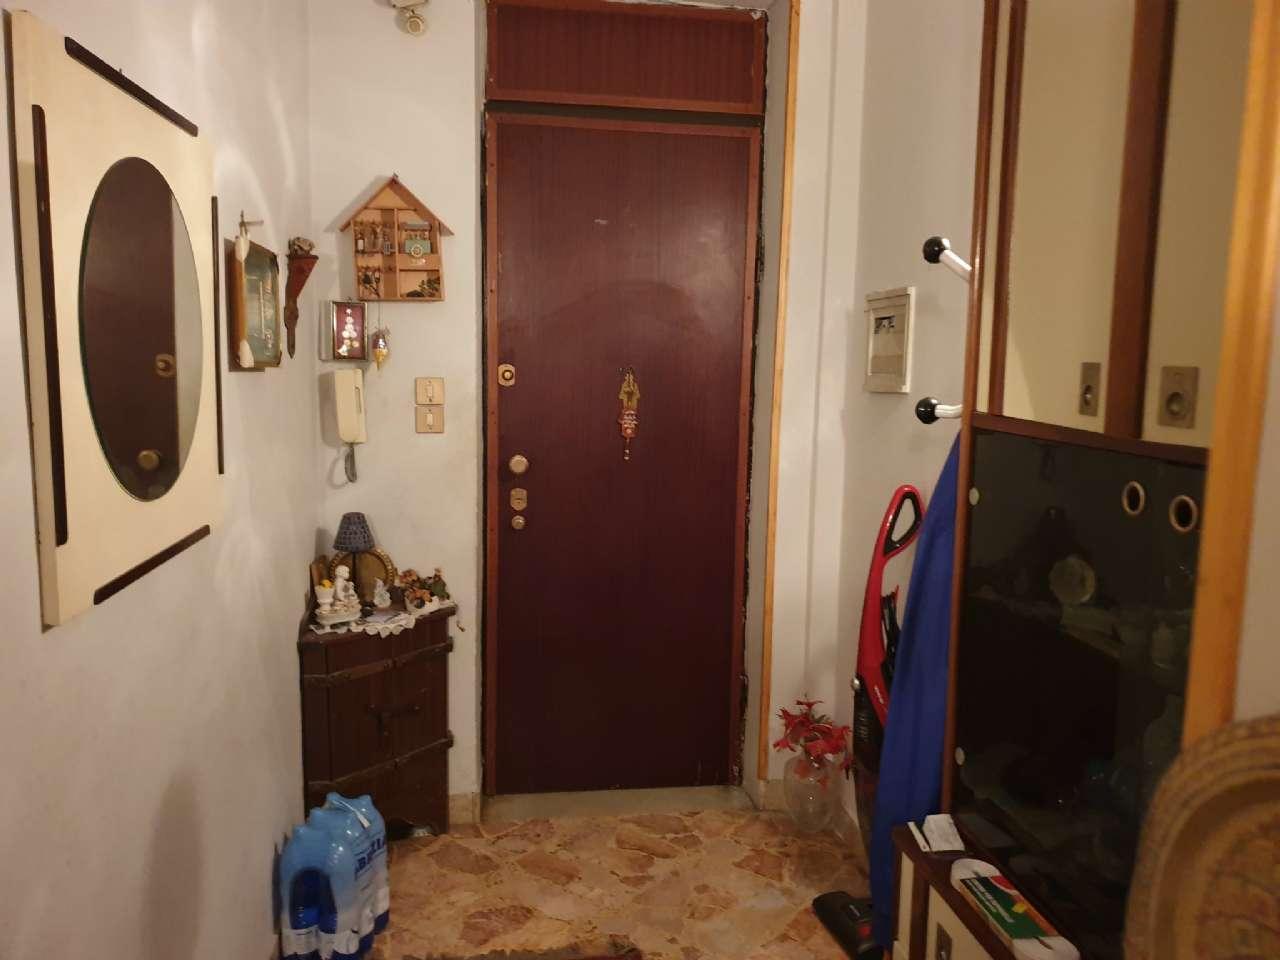 Trilocale, Via Lo Monaco Ciaccio Antonino, Zona Uditore, Palermo, foto 2